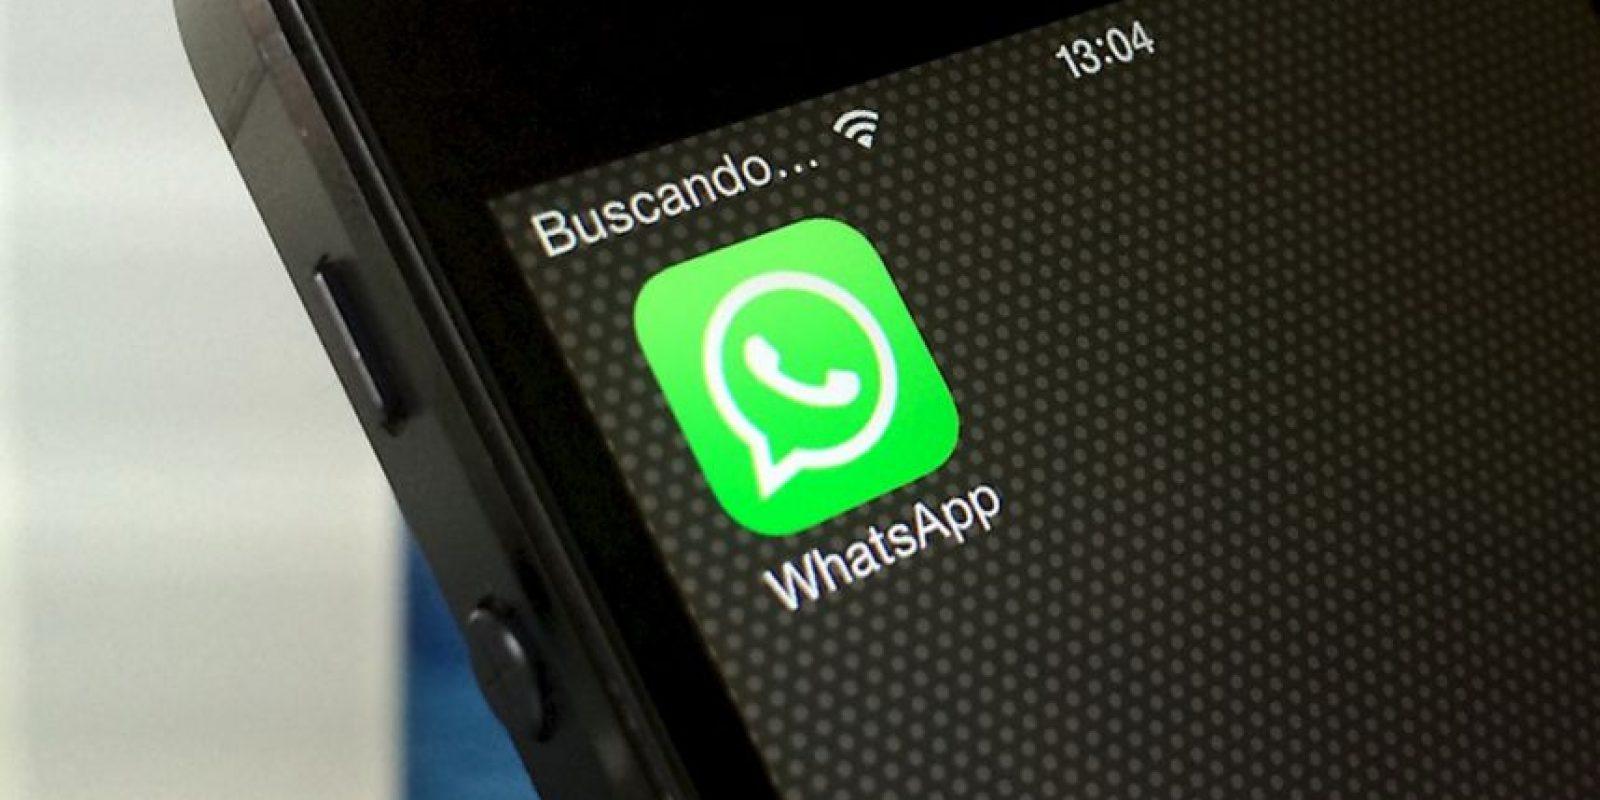 Ante posibles problemas de seguridad, el servicio prefiere que no envíen datos personales y confidenciales a través de su plataforma. Foto:vía Tumblr.com